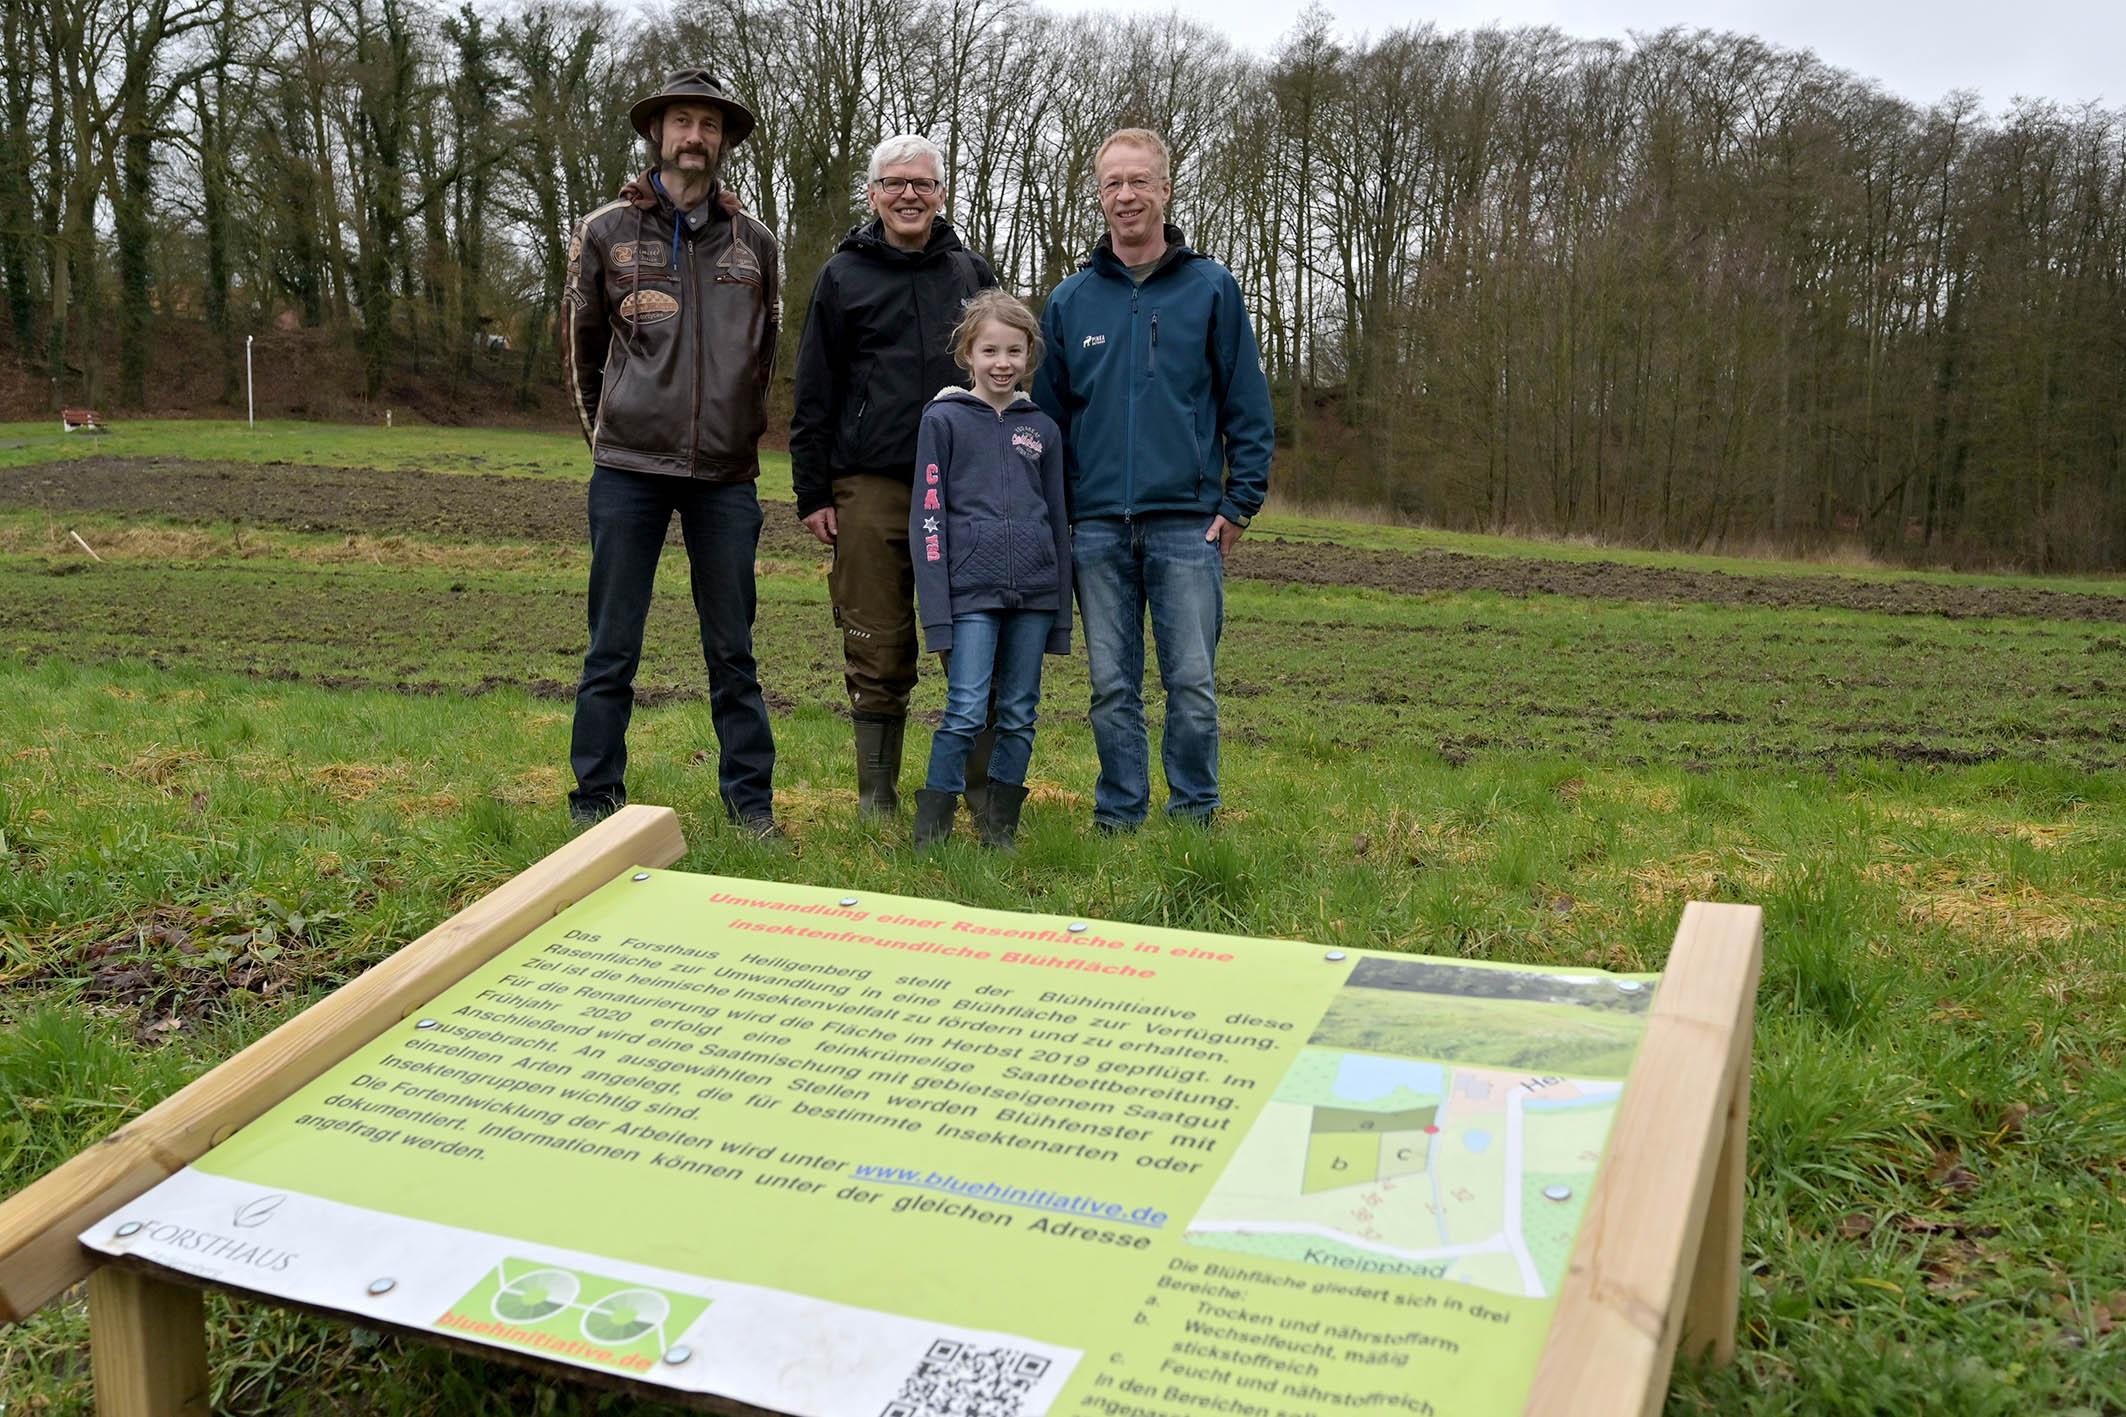 v.l. Björg Gumz, Ulf Feuerstein sowie Eckhard und Henrike Gumprecht vor der bereits gepflügten und gefrästen Blühwiese